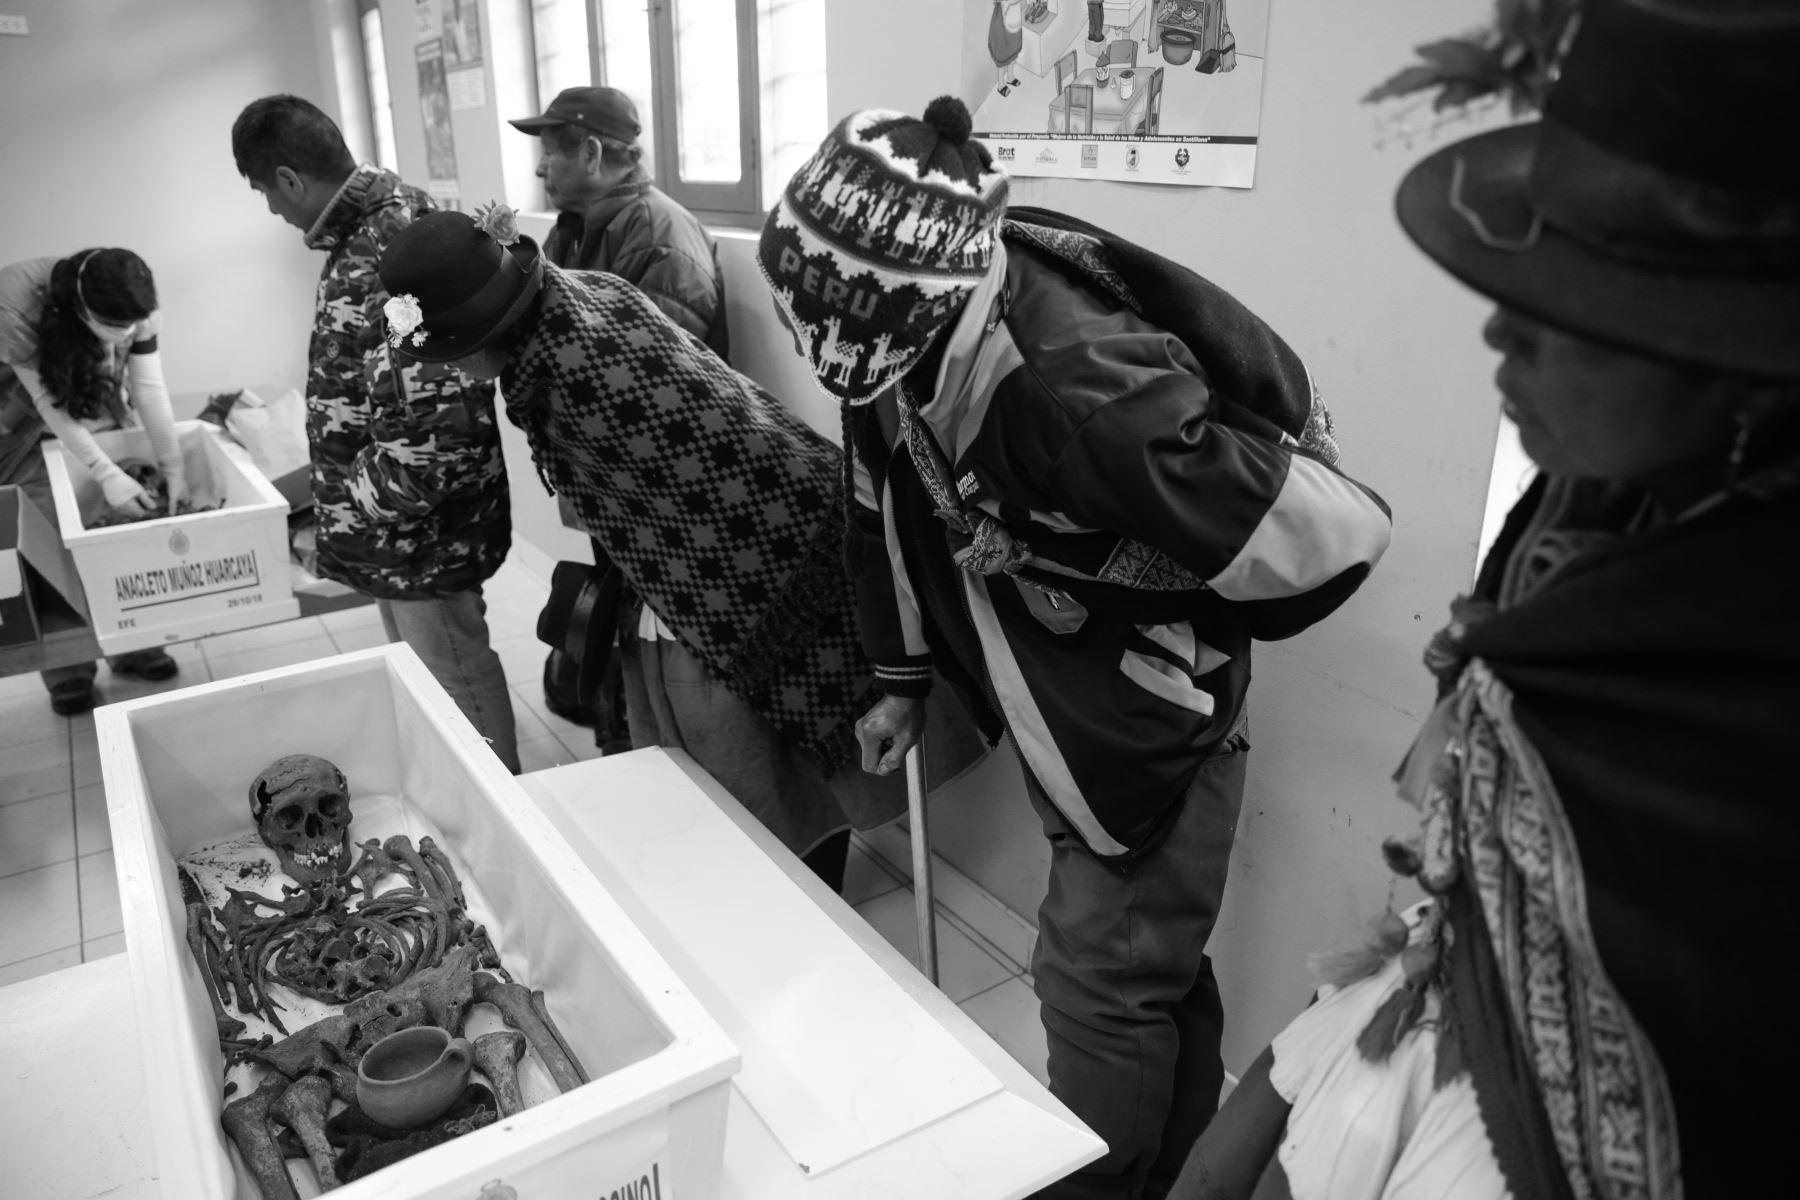 El 26 de octubre del 2018, el Estado Peruano entregó los cuerpos de 26 víctimas de los años de la violencia terrorista de Sendero Luminoso en la comunidad de Llacchua, en Ayacucho. Foto: ANDINA/Jack Ramón